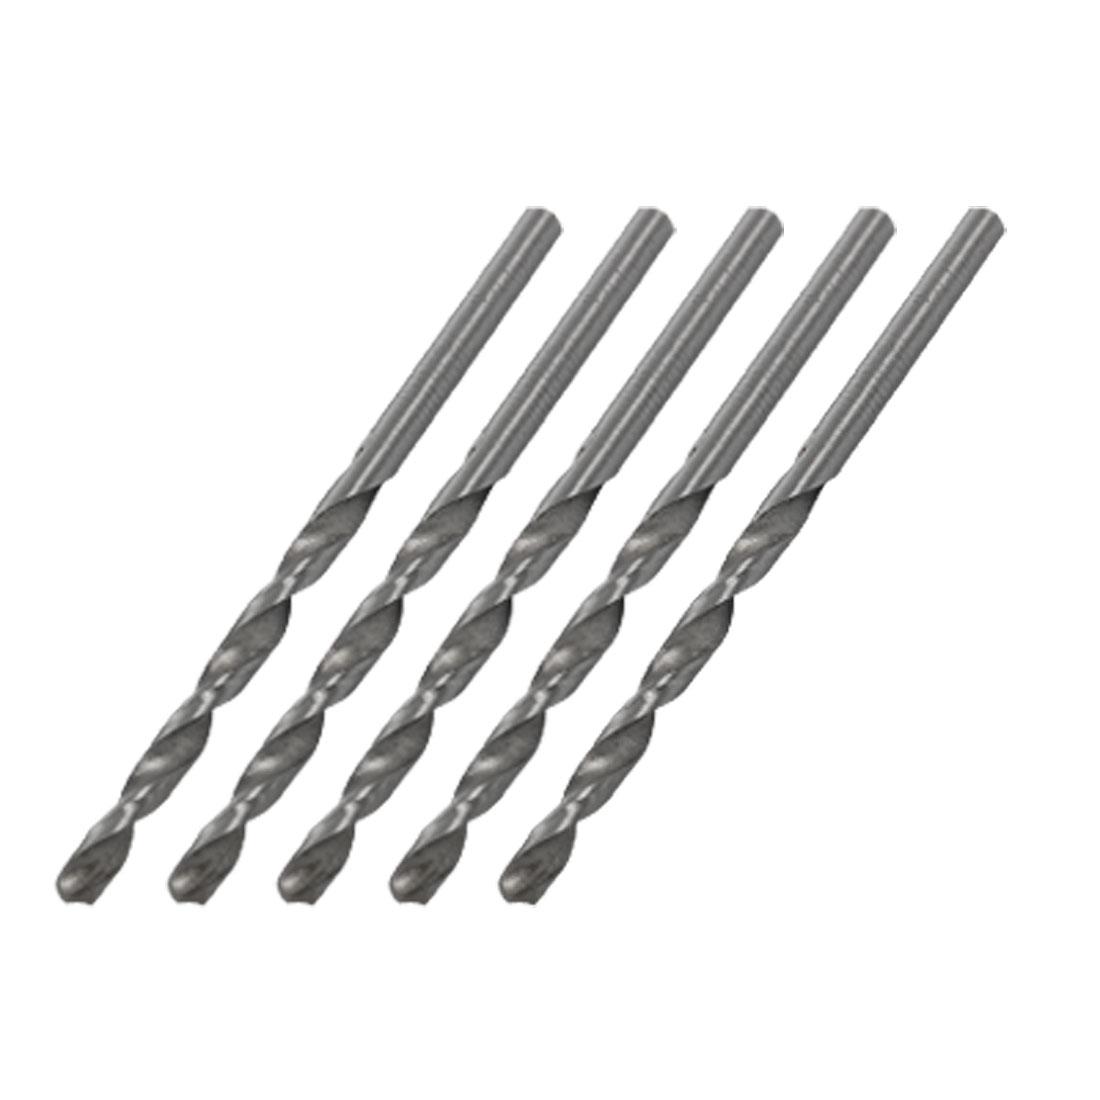 5 Pcs High Speed Steel HSS Straight Shank 3.2mm Twist Drill Bit